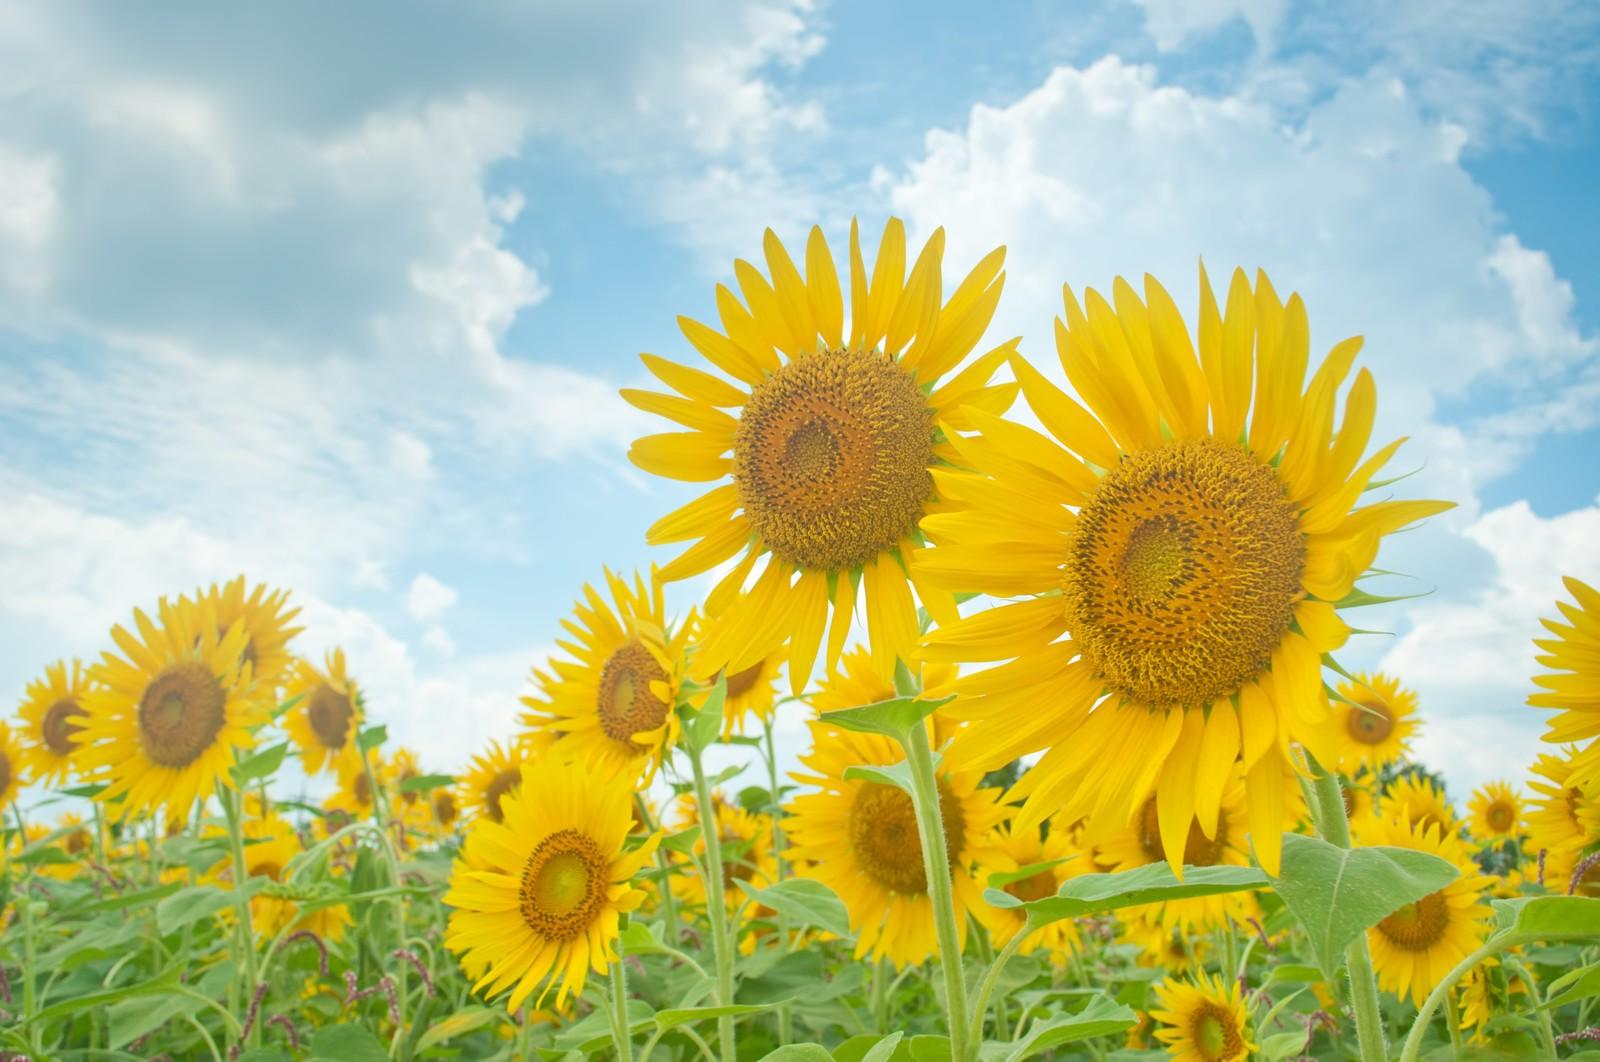 summer himawari